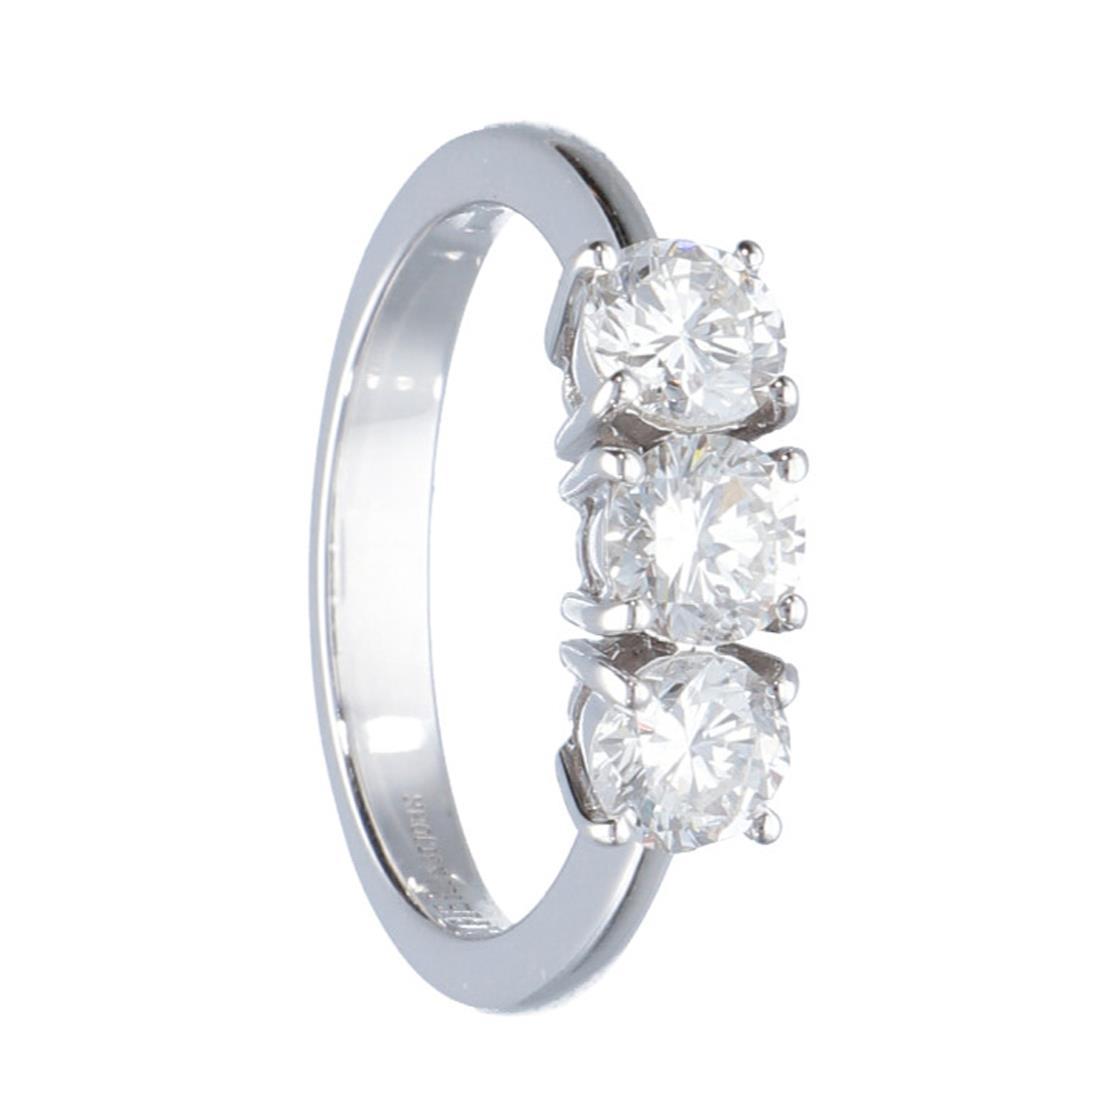 Anello trilogy in oro bianco con diamanti 1.20 ct - ALFIERI ST JOHN